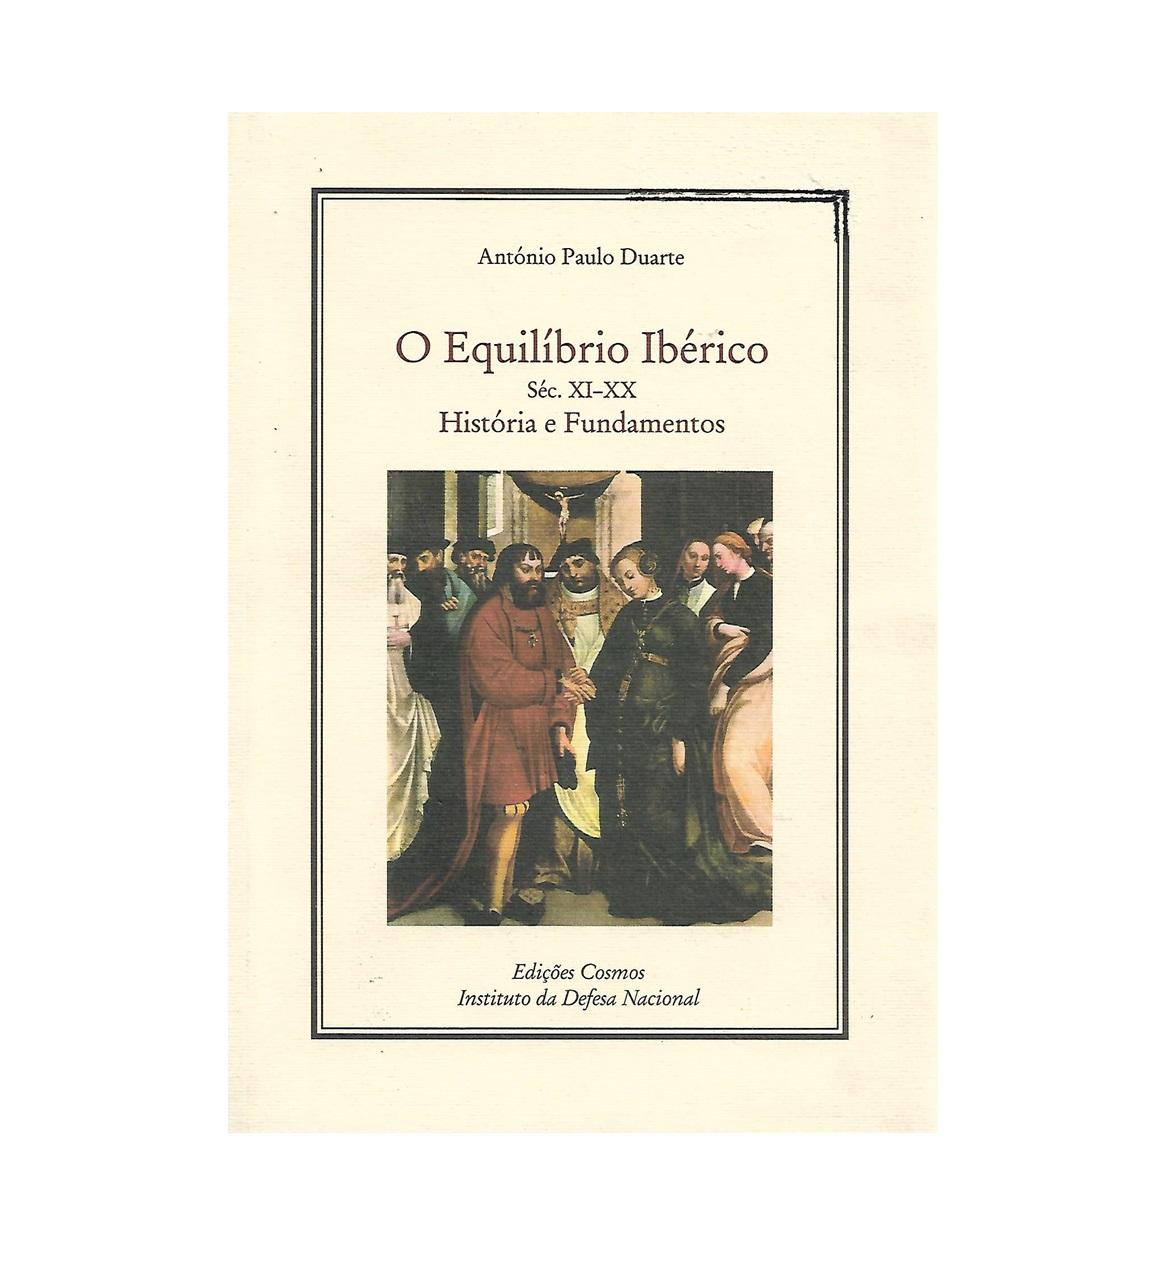 O Equilíbrio Ibérico: Séc. XI-XX: História e Fundamentos.